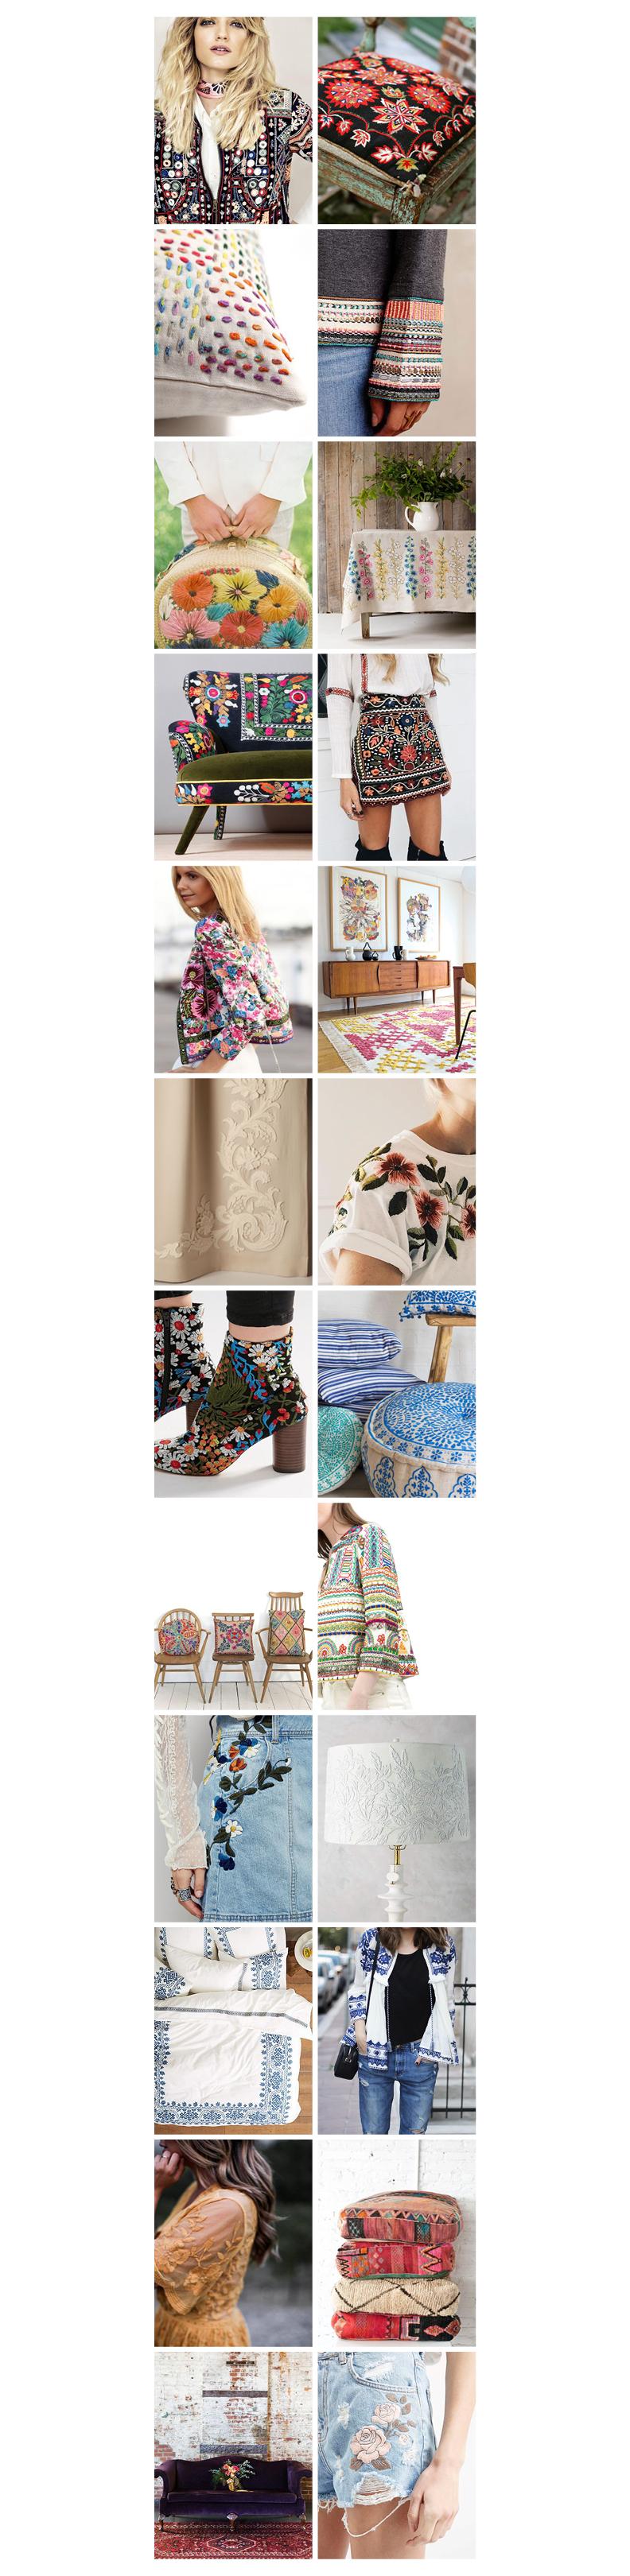 Fashion vs. Interiors - Embroidery